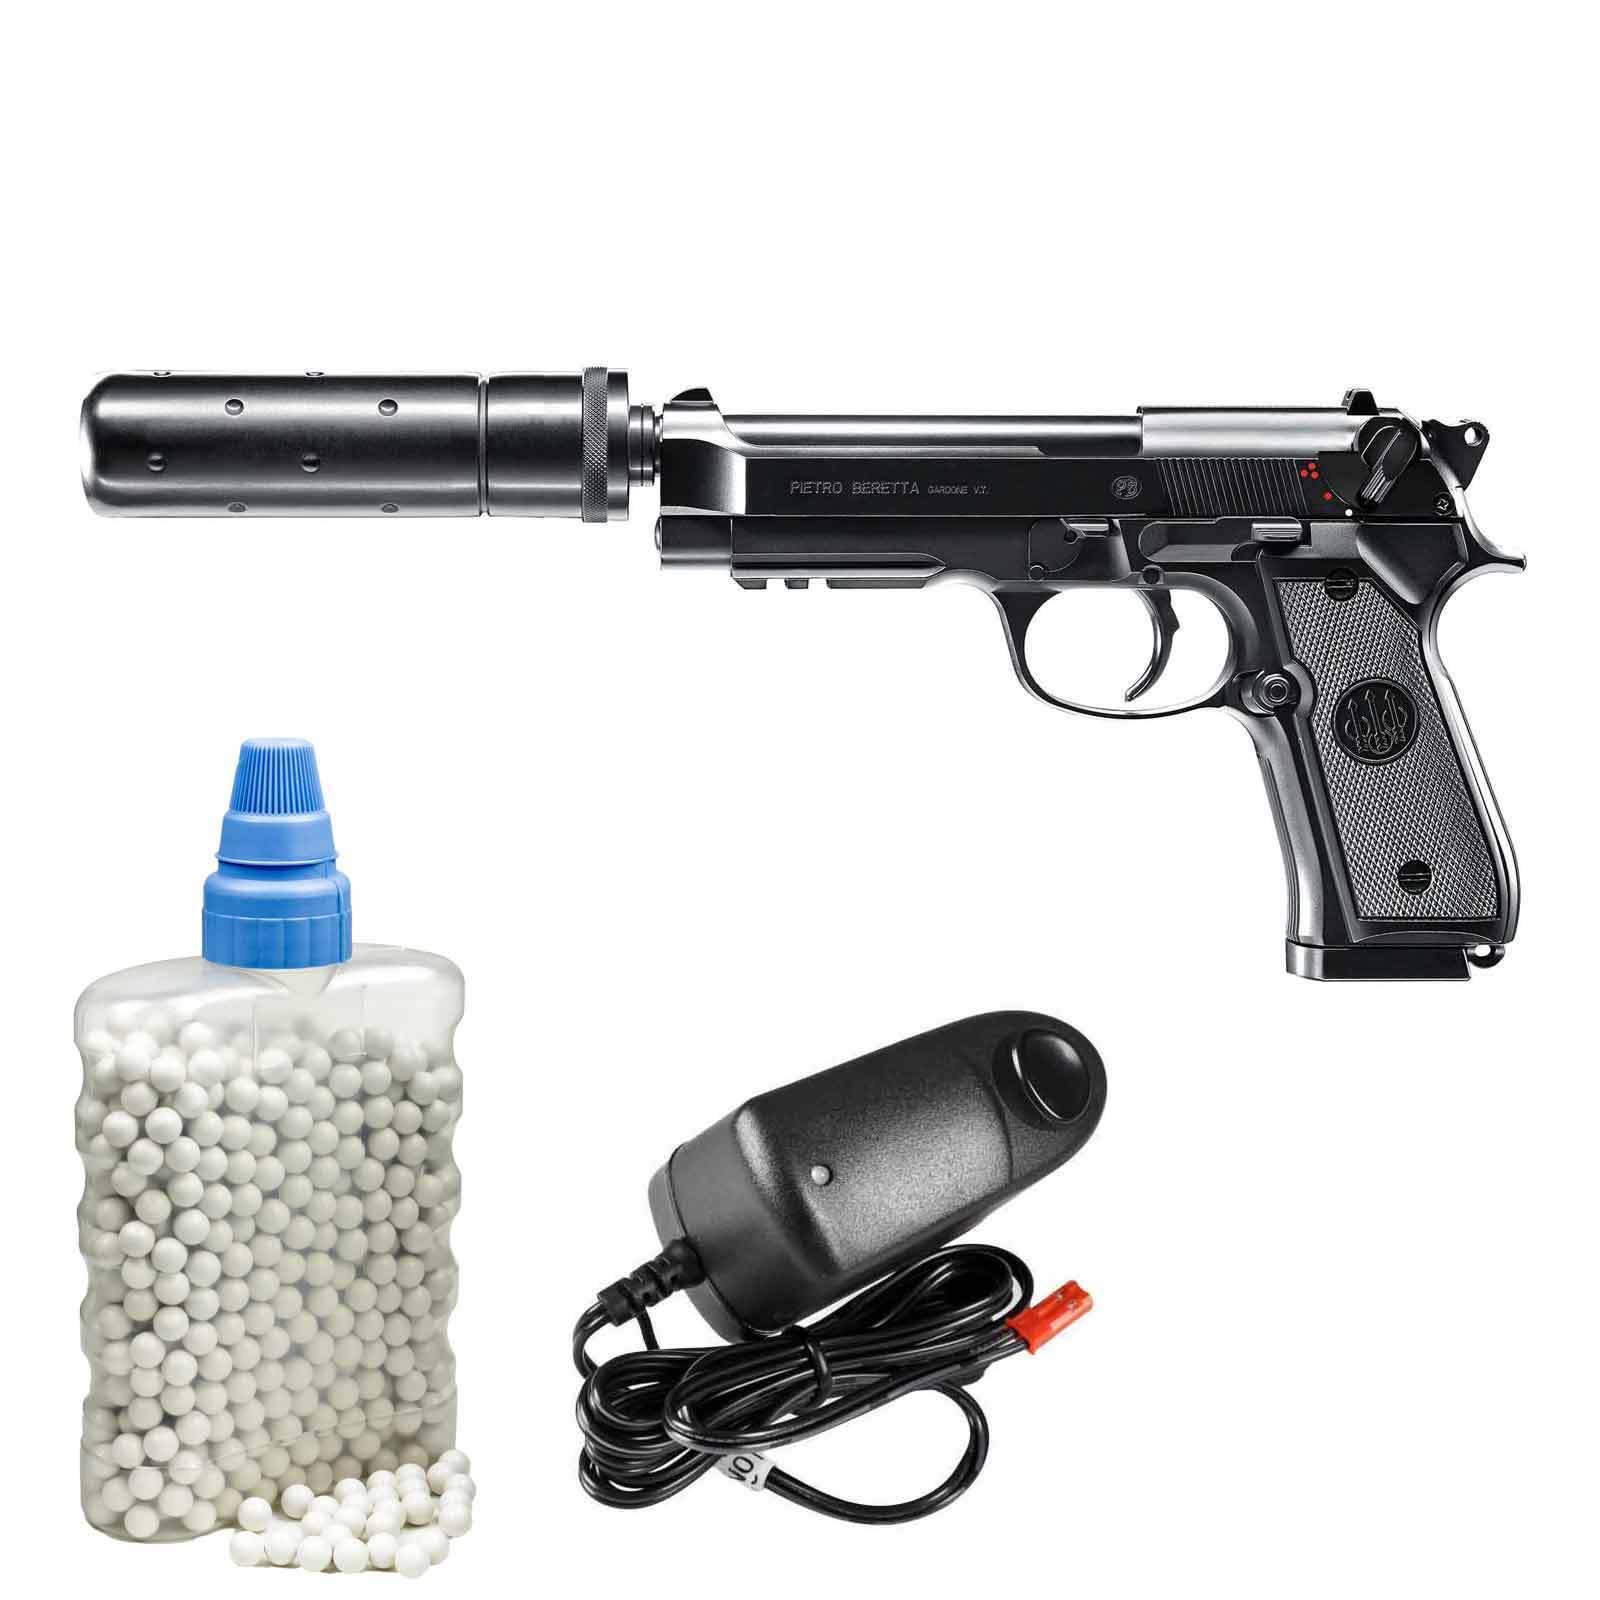 Beretta M92 A1 Tactical Schwarz AEP Softair-Pistole Softair-Pistole Softair-Pistole 6 mm BB <0,5 Joule (P14) 944223